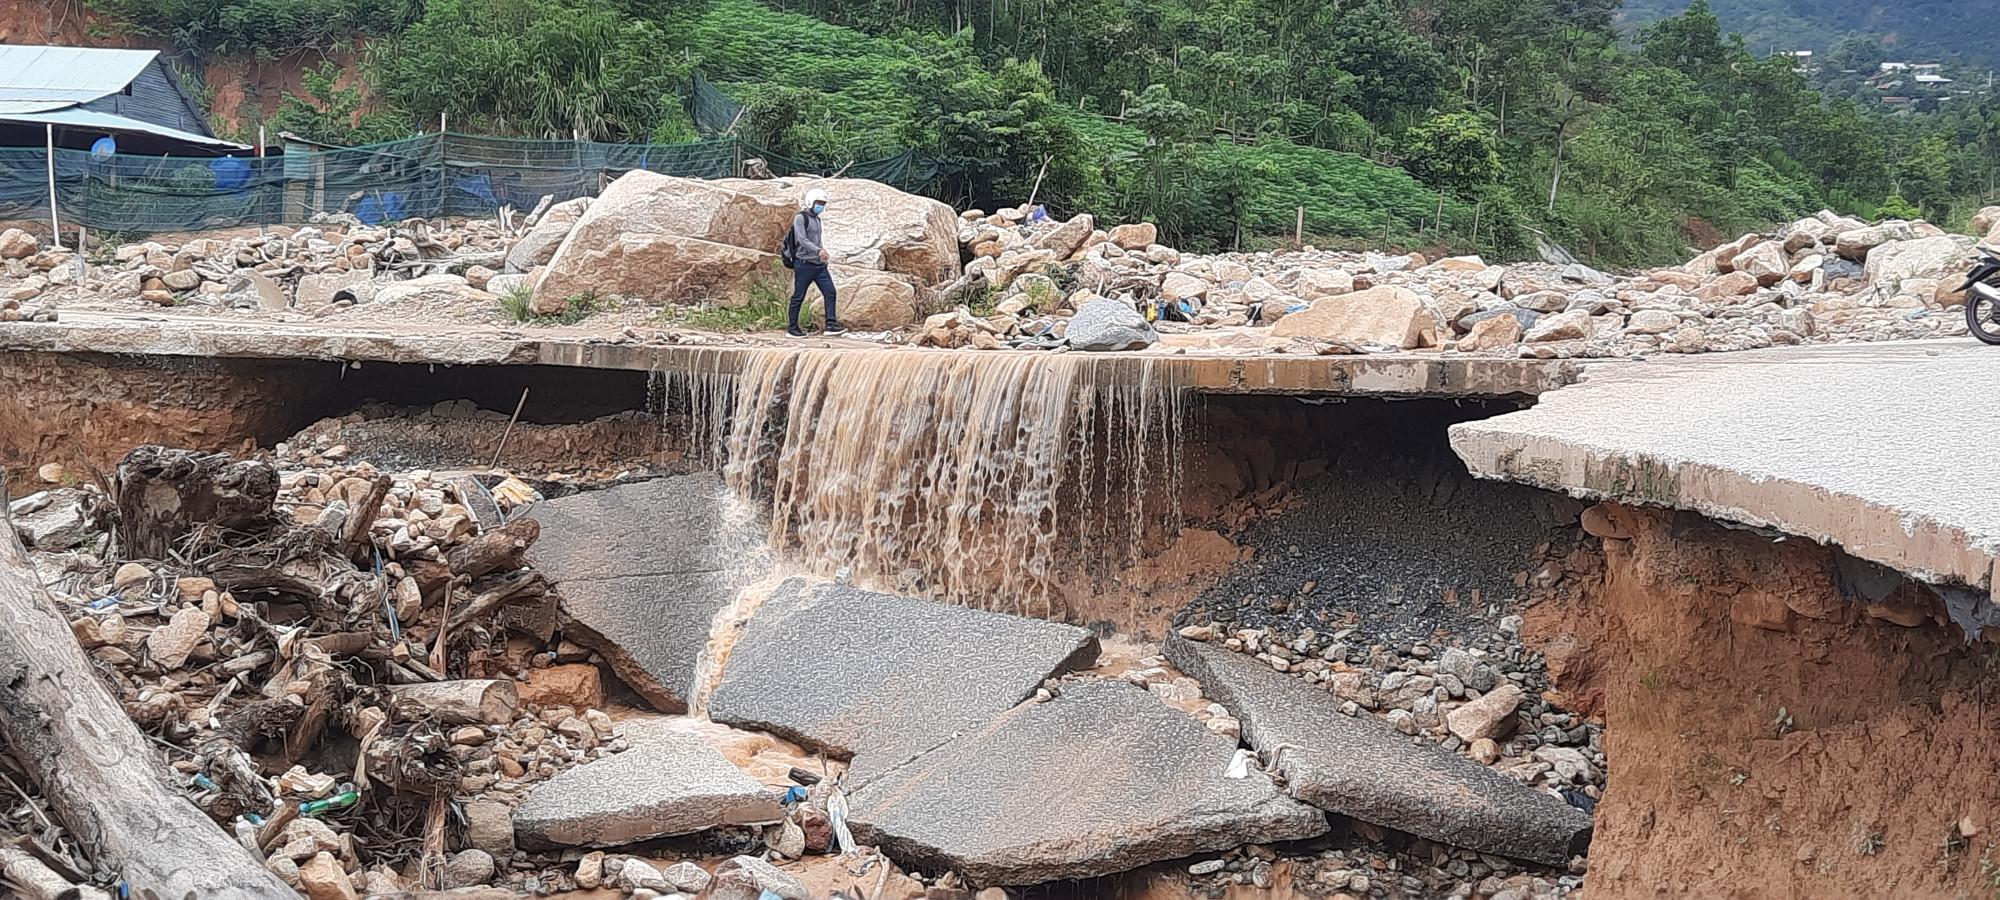 Lũ lụt năm 2020 đã cuốn phăng mọi thứ trên đường đi của nó. Trong ảnh là một đoạn đường bị hư hỏng nặng ở đoạn từ xã Phước Thành qua xã Phước Lộc